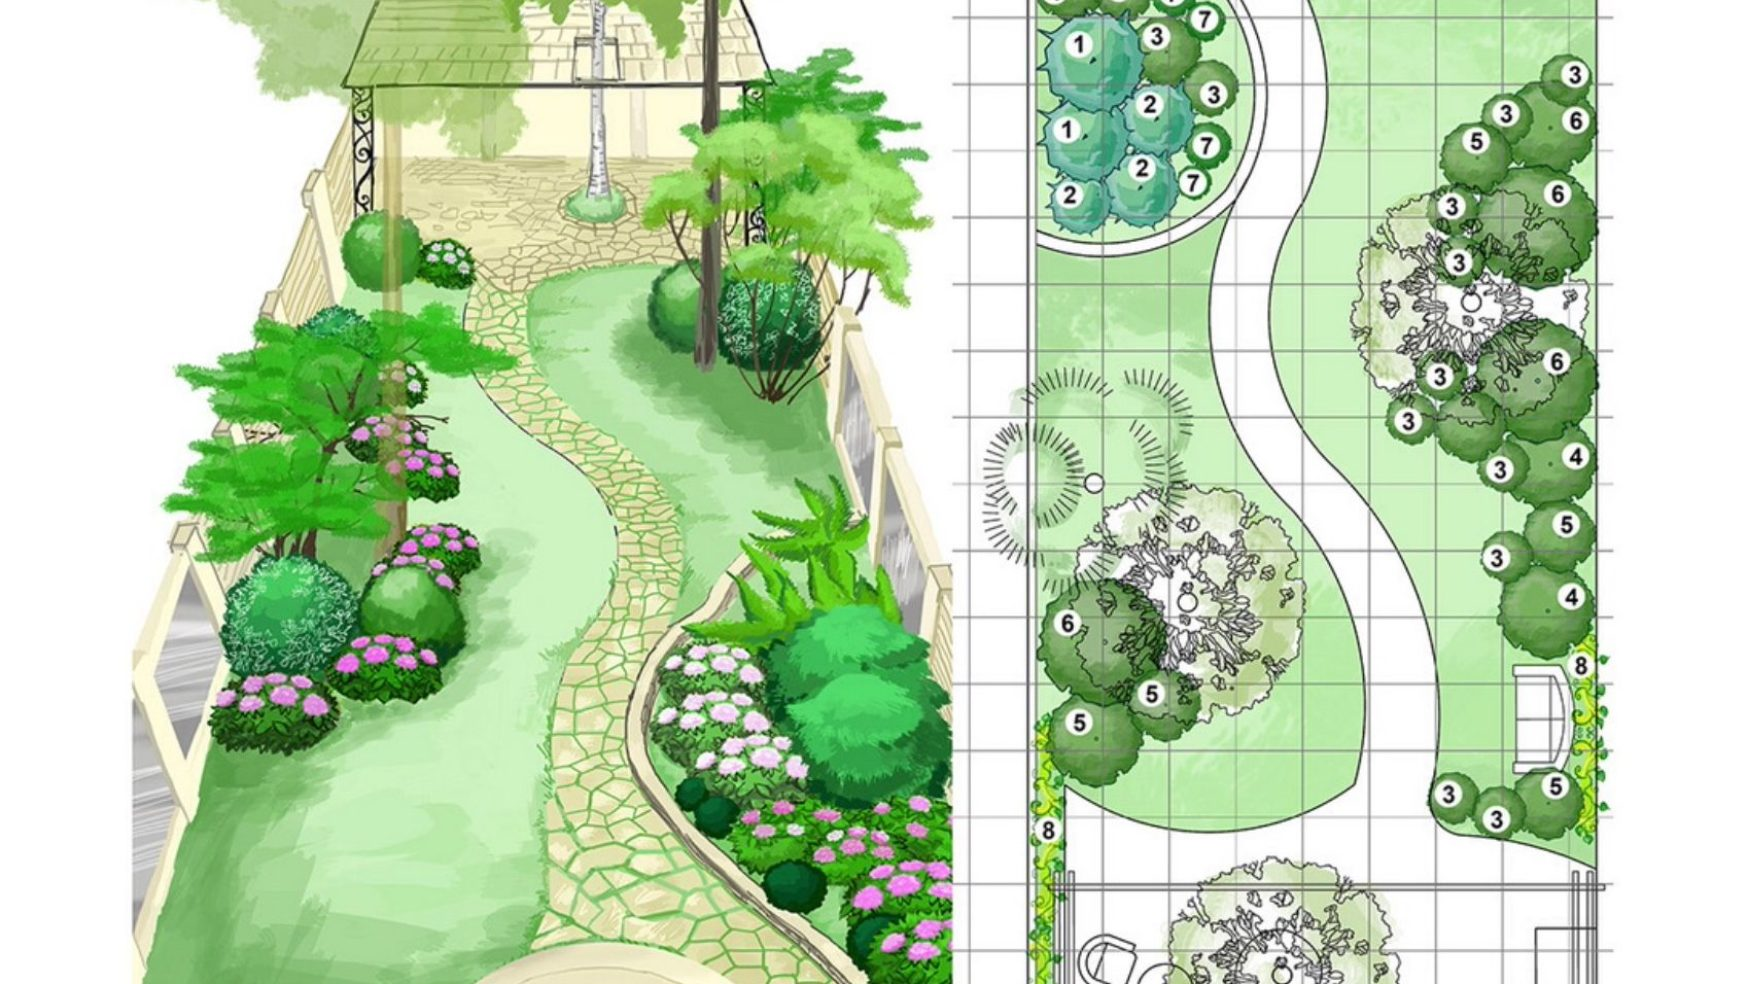 Design your own RHS garden